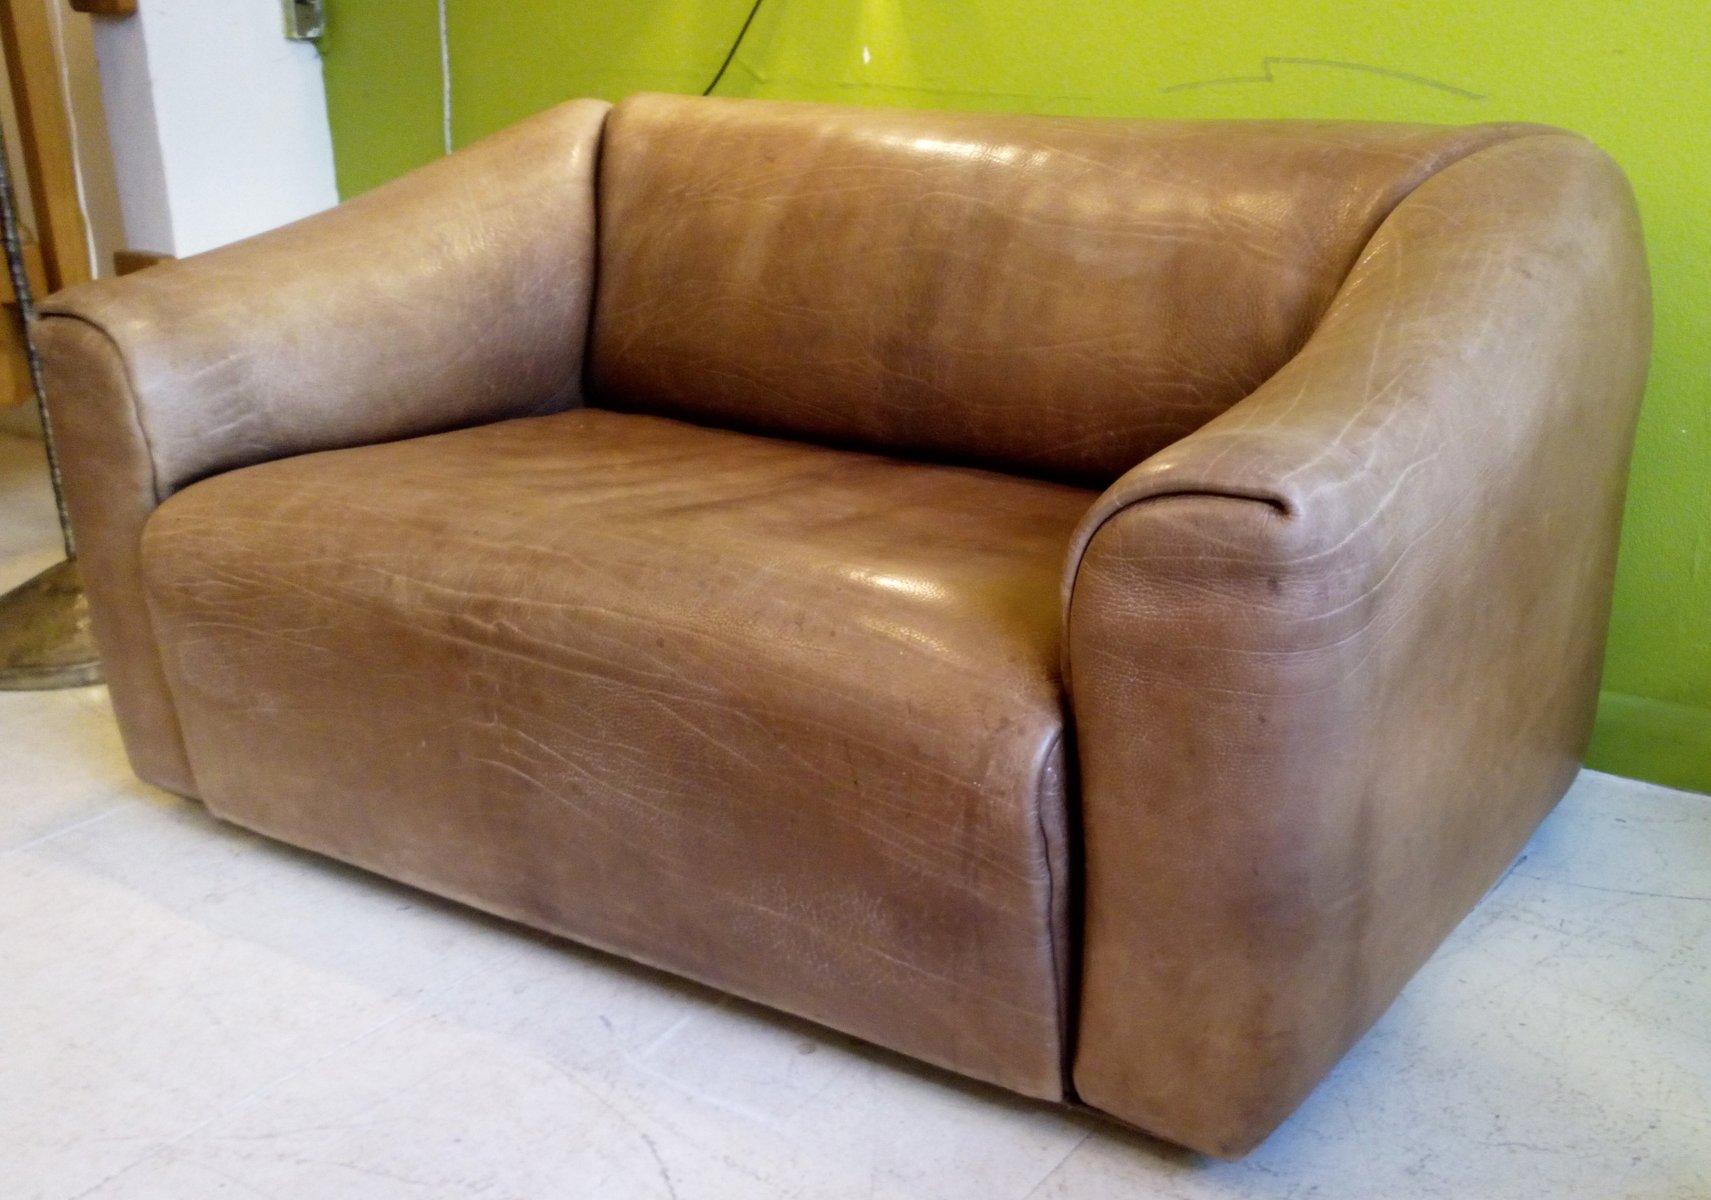 ds 47 zwei sitzer sofa von de sede 1970er bei pamono kaufen. Black Bedroom Furniture Sets. Home Design Ideas